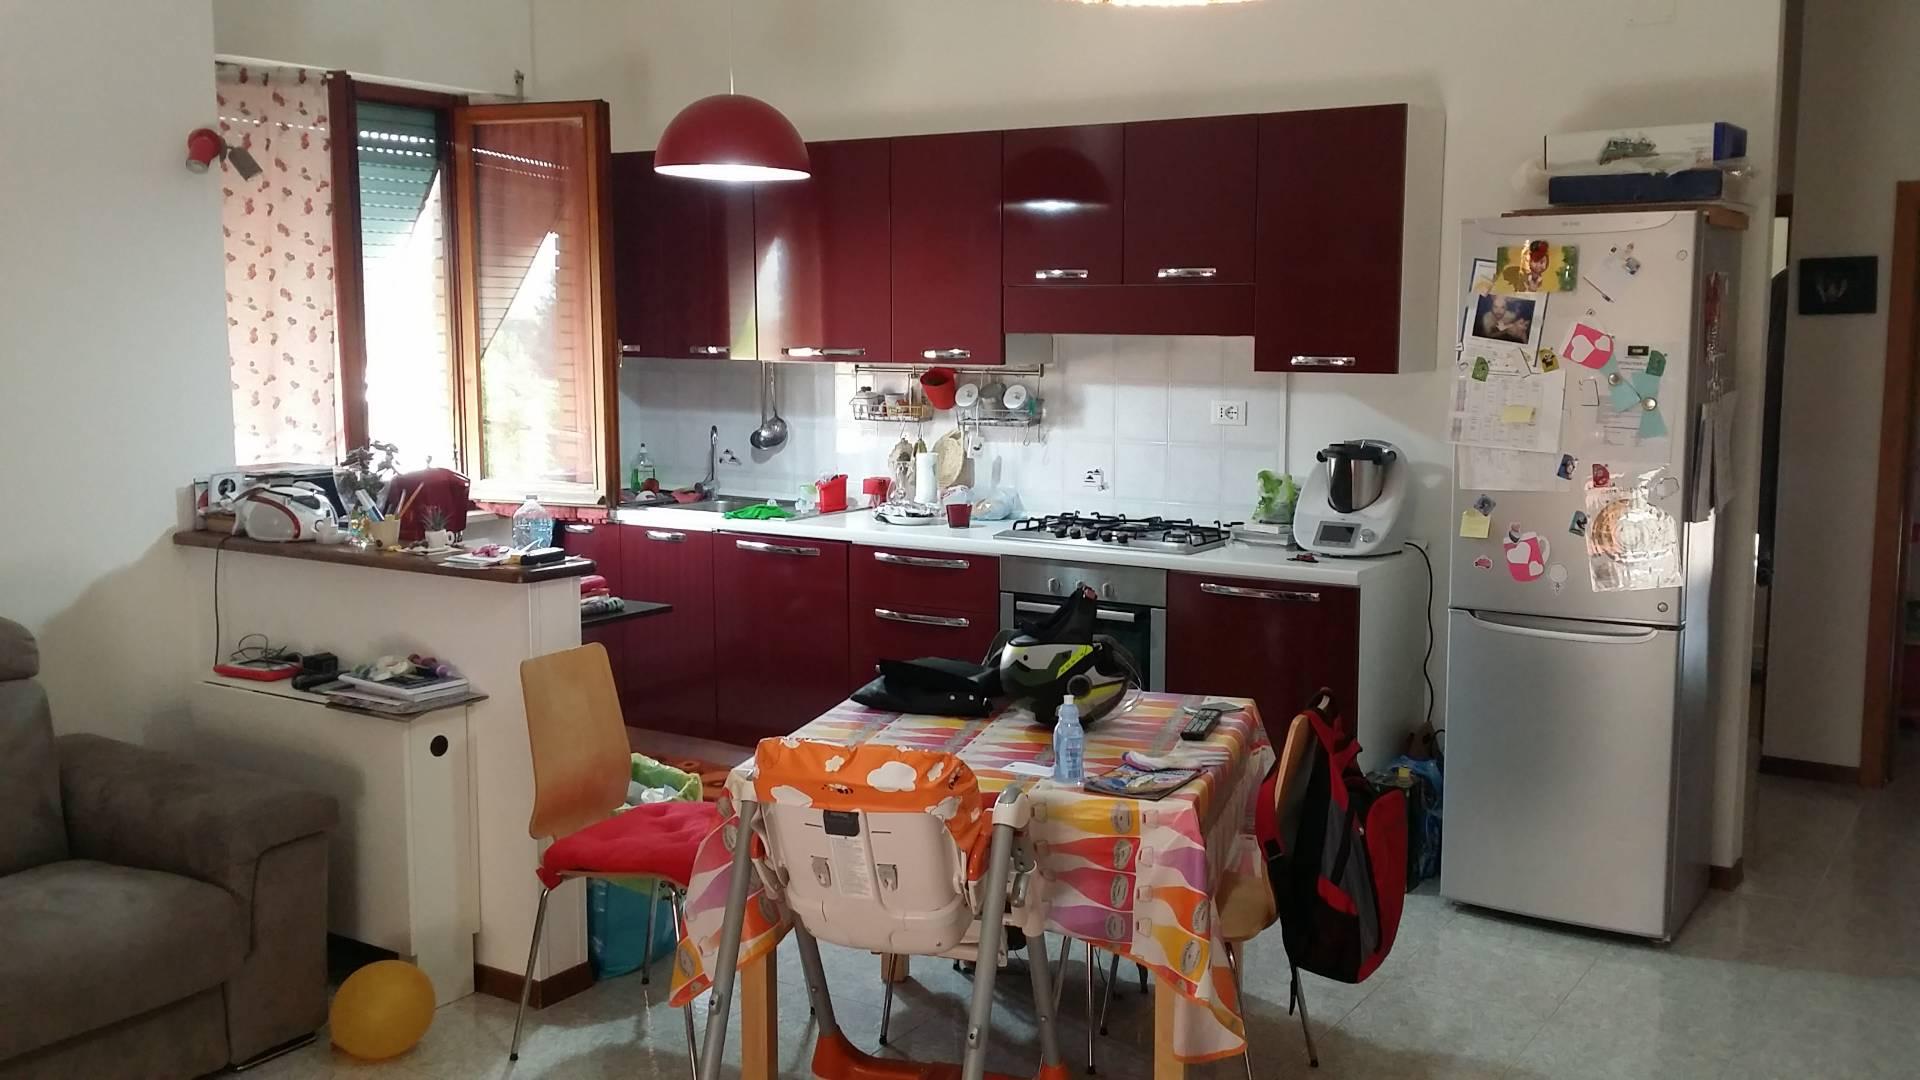 Appartamento in vendita a Ascoli Piceno, 4 locali, zona Località: MarinodelTronto, prezzo € 72.000 | Cambio Casa.it